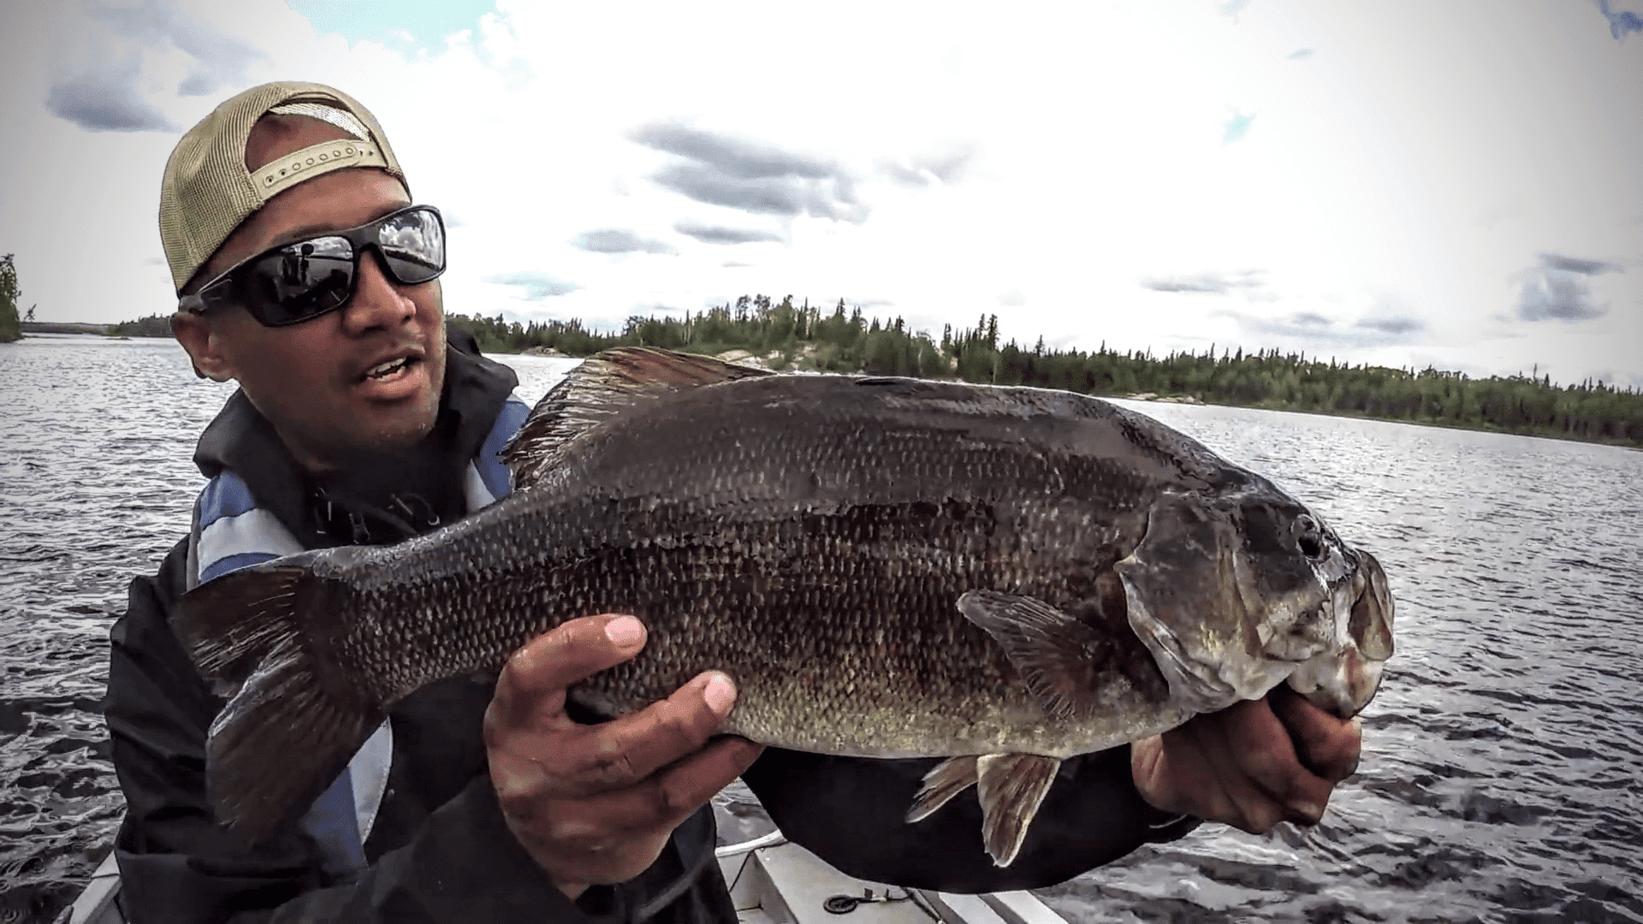 Trophy Smallmouth Bassin' at Q Lake Lodge